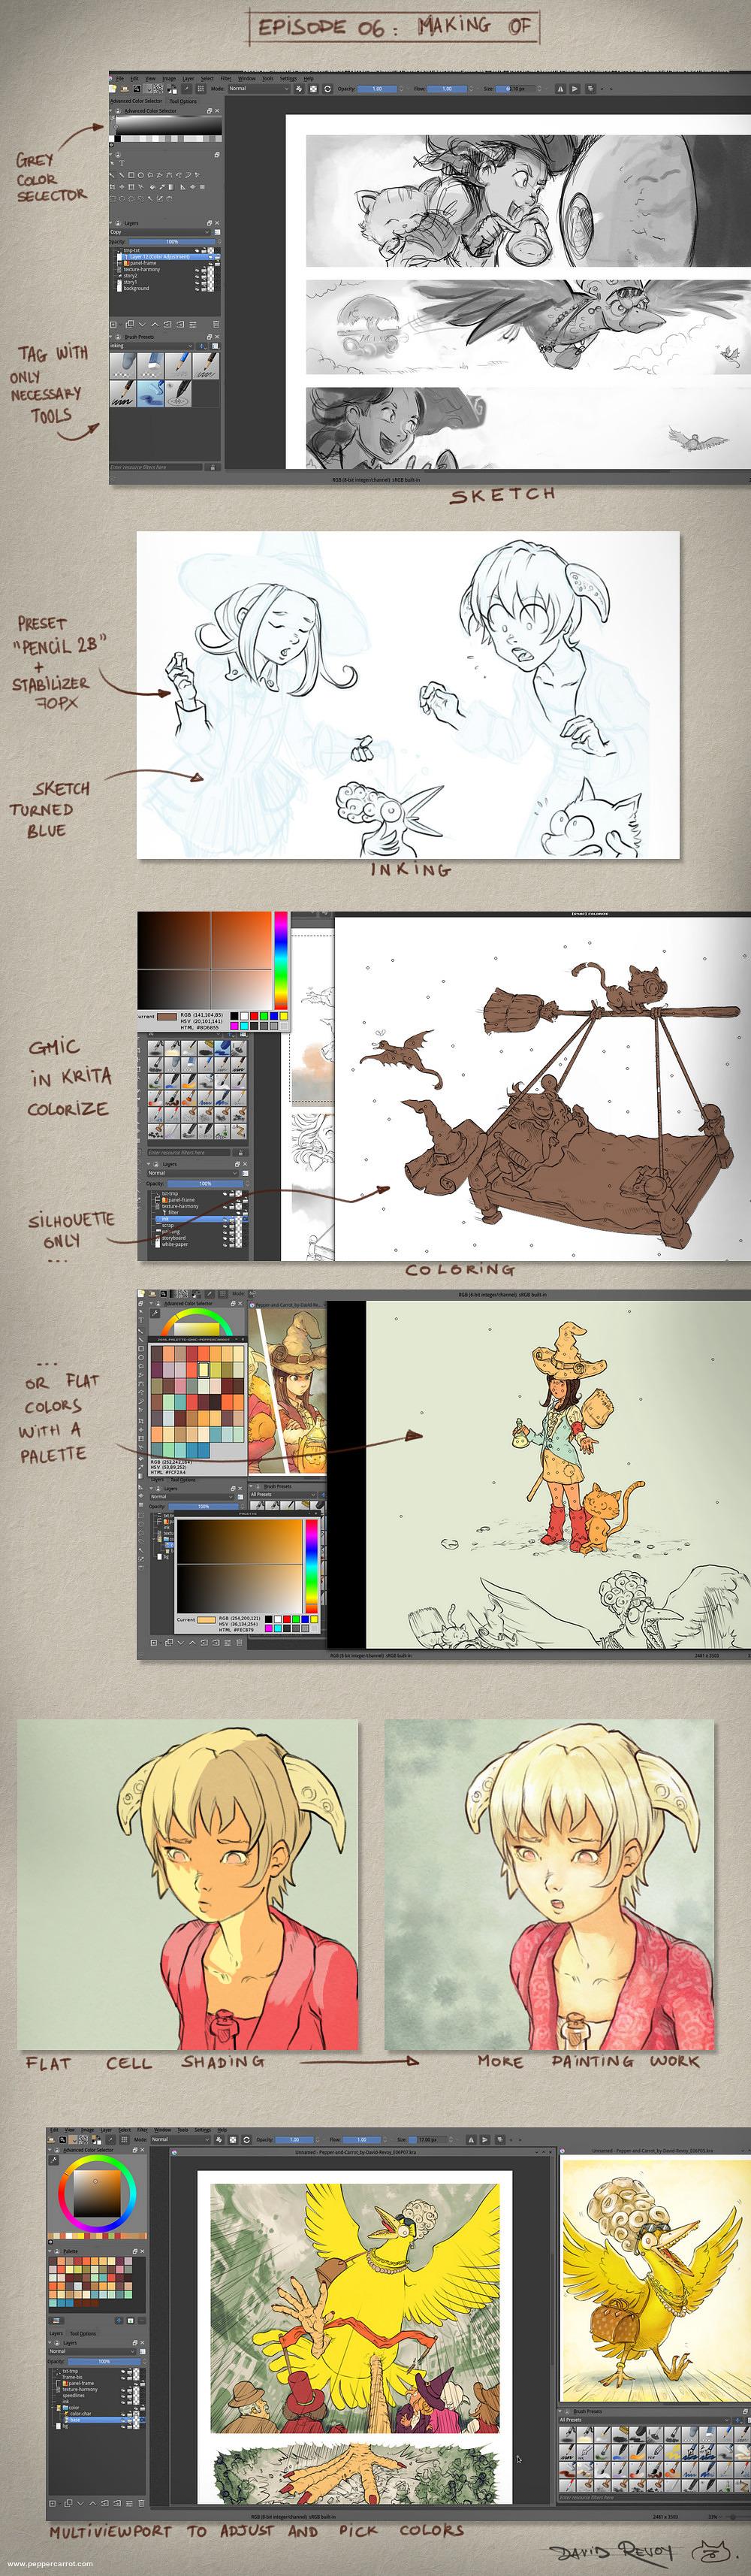 image data/images/bonus/2015-04-22_making-of-ep06_net.jpg